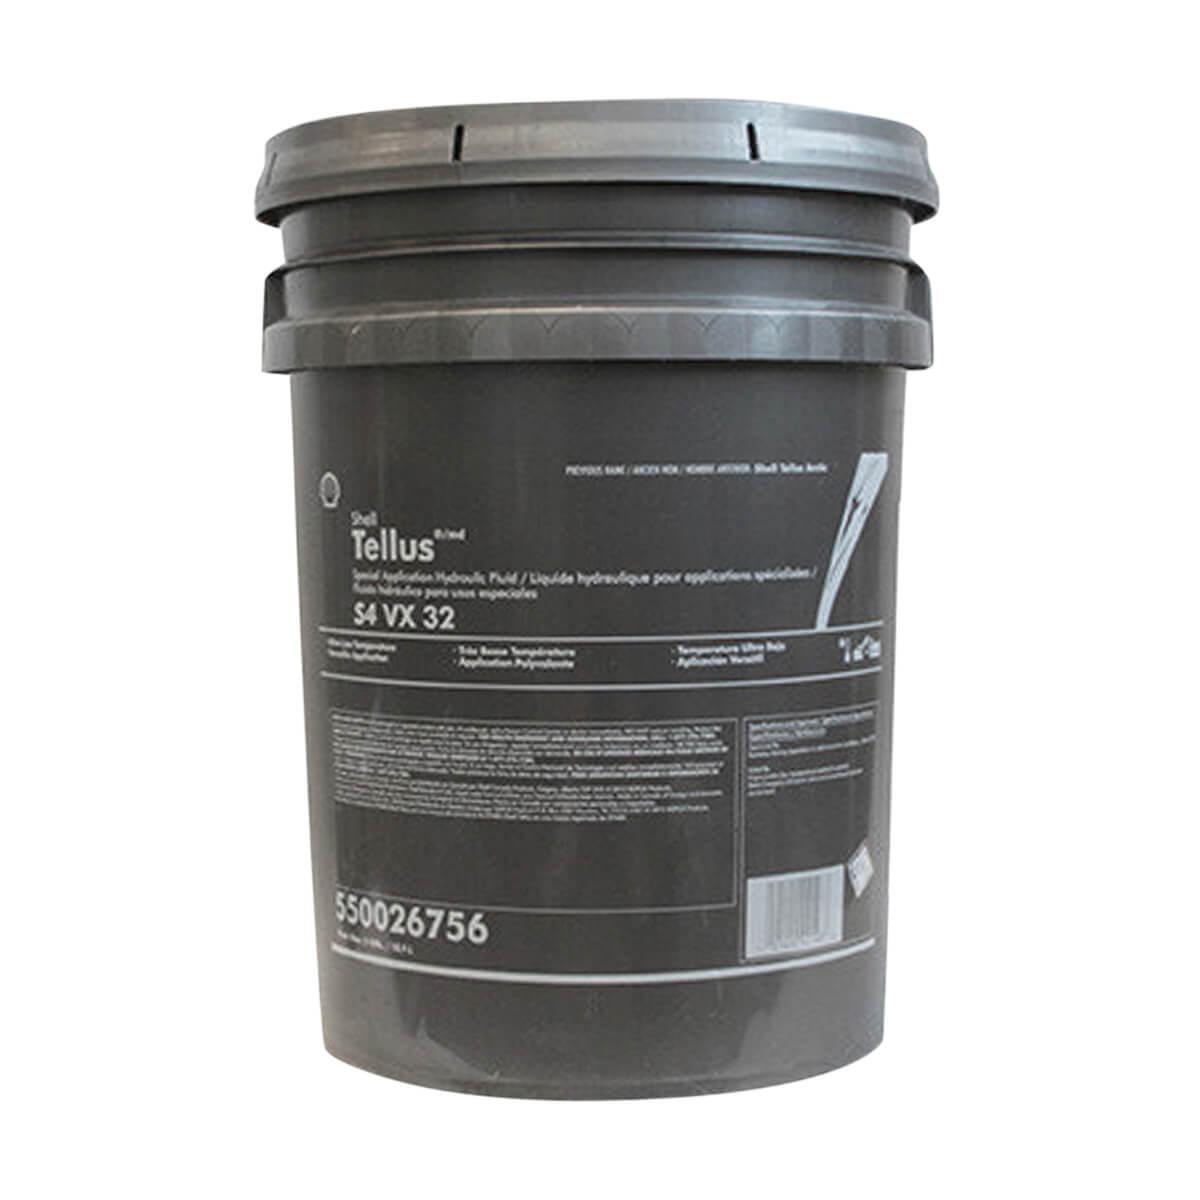 Shell Tellus S4 VX 32 - 18.9L